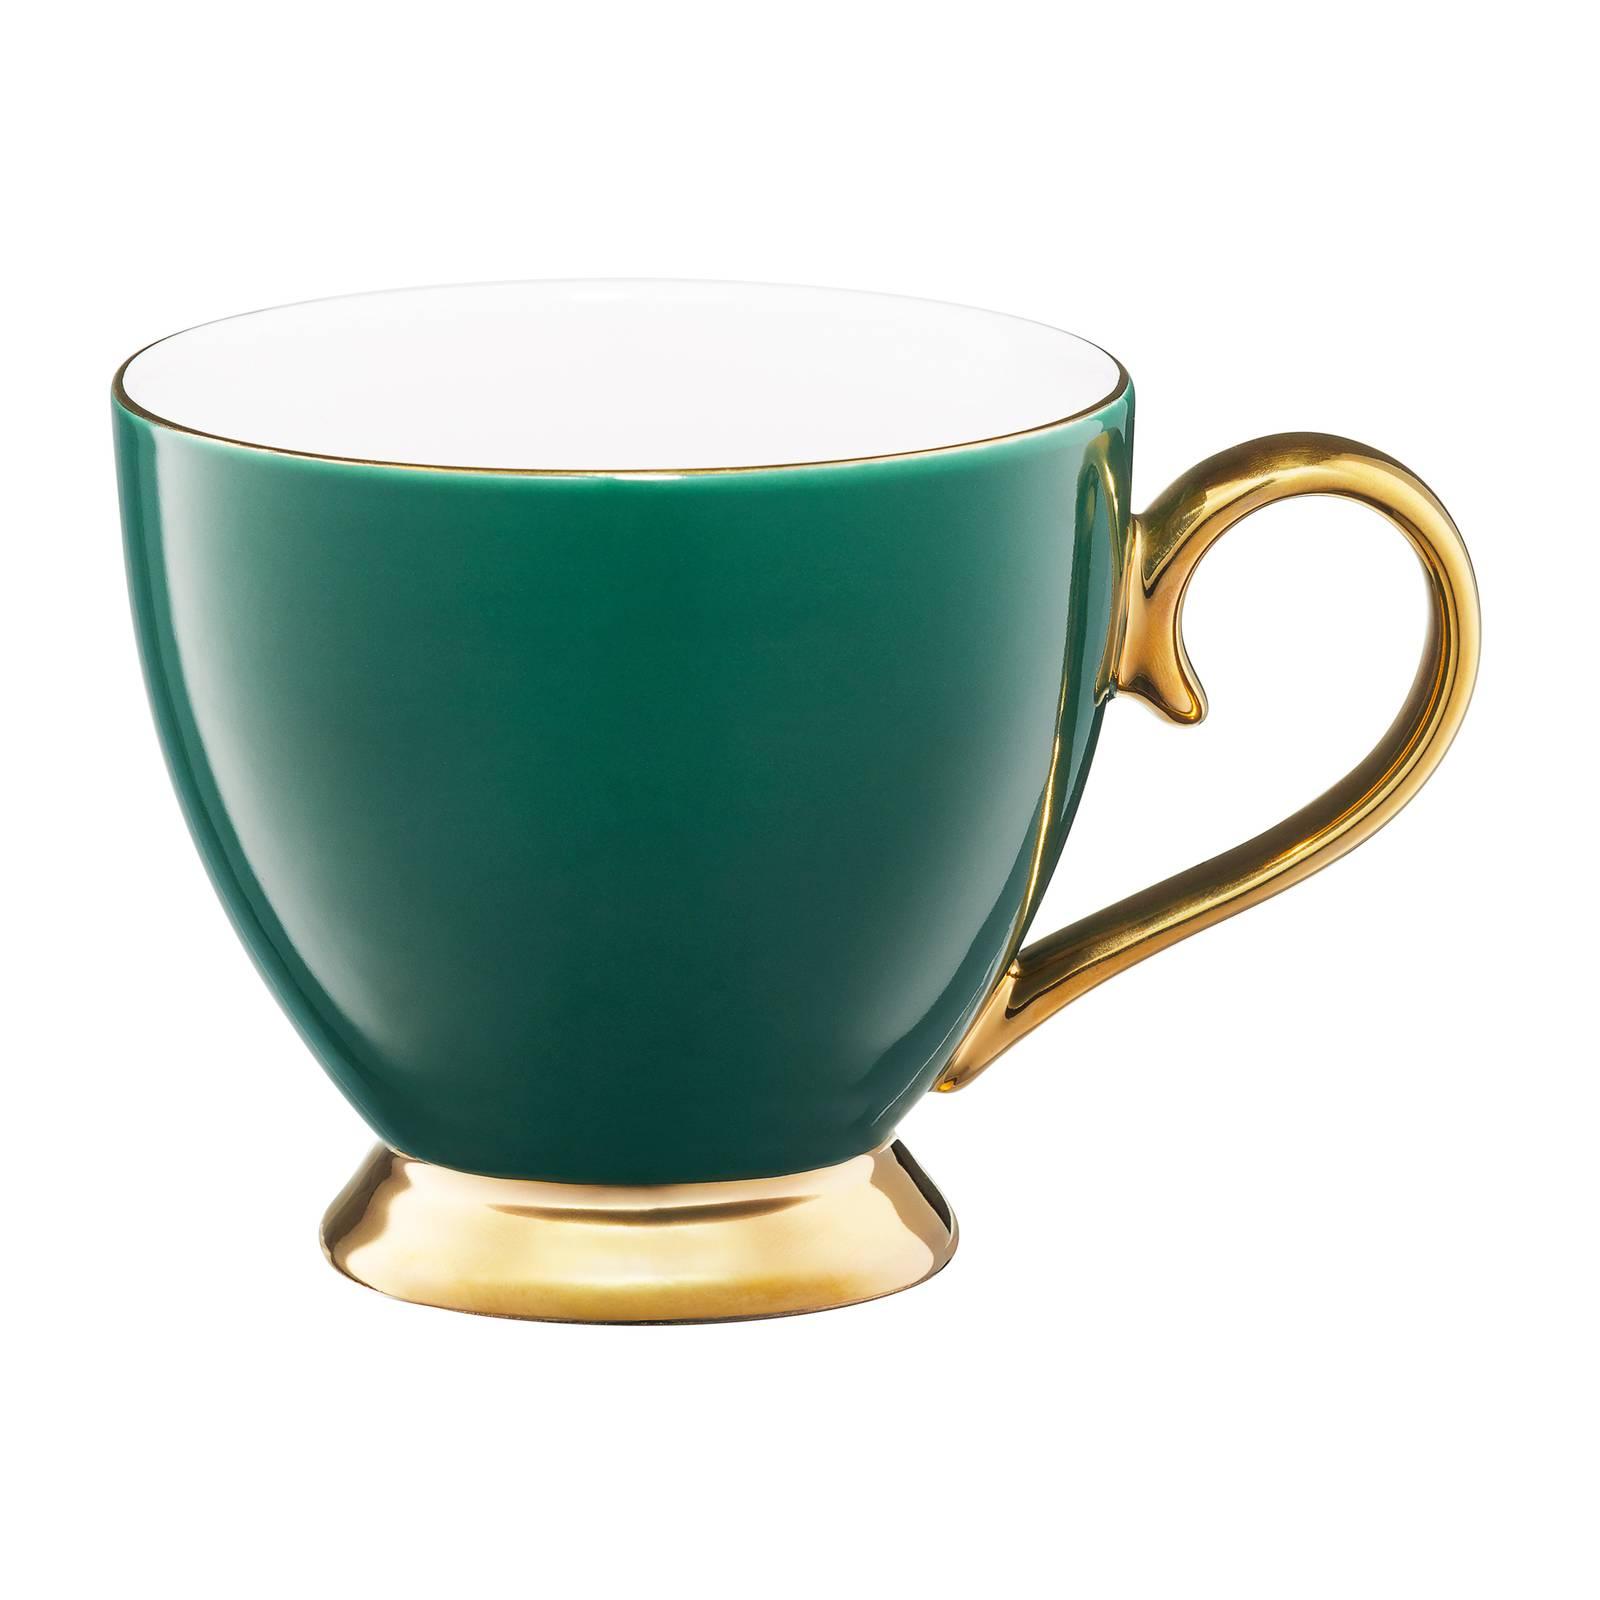 Becher Royal 400 ml grün-gold AMBITION